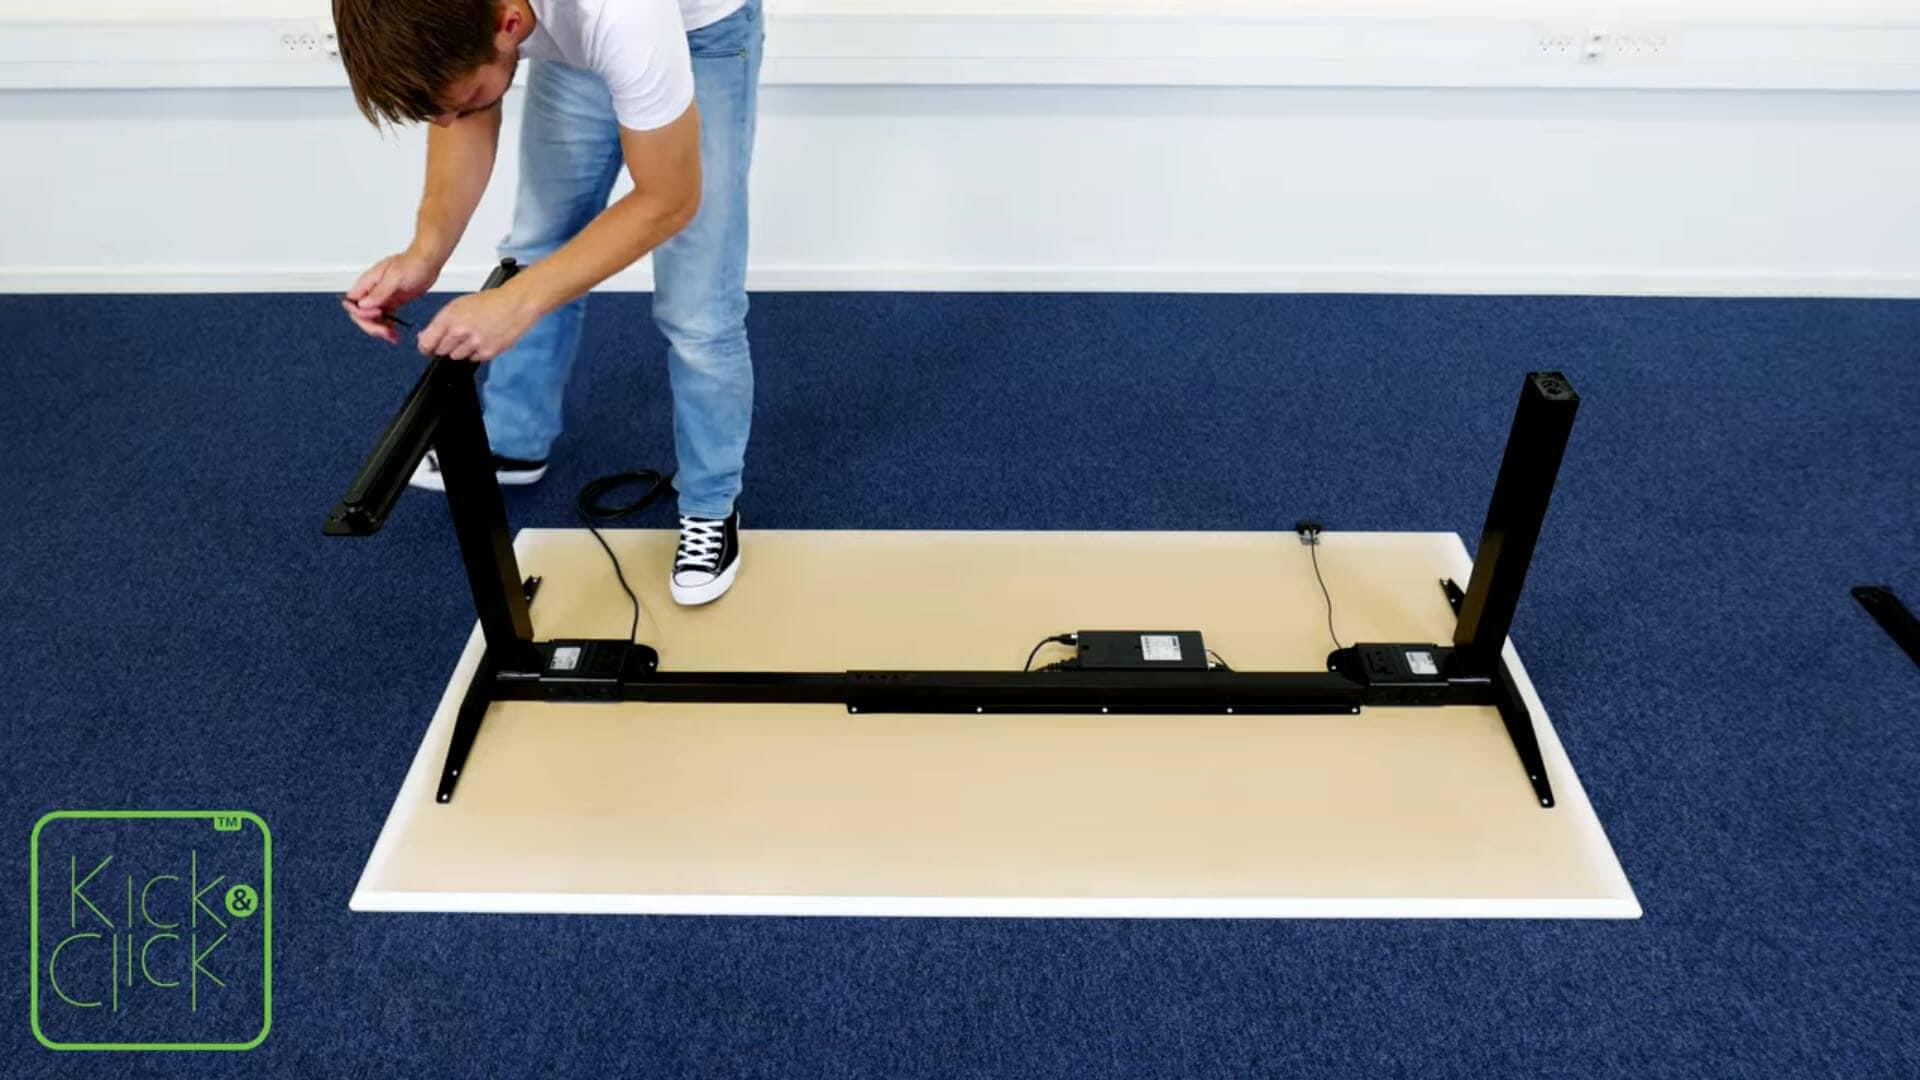 Comment démonter un bureau LINAK Kick & Click